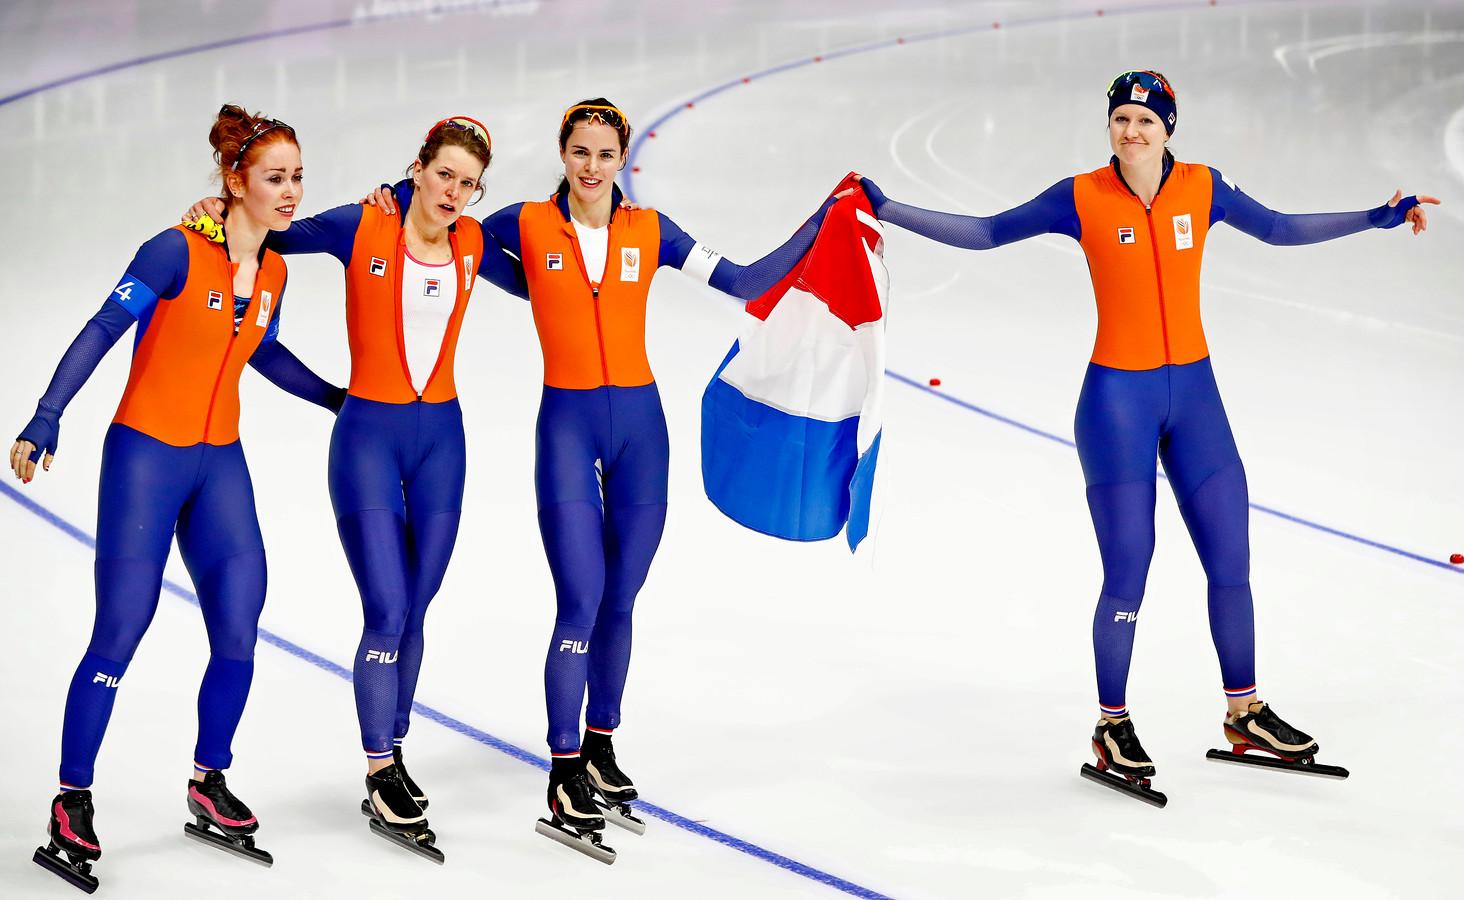 Antoinette de Jong, Ireen Wust, Marrit Leenstra en Lotte van Beek.